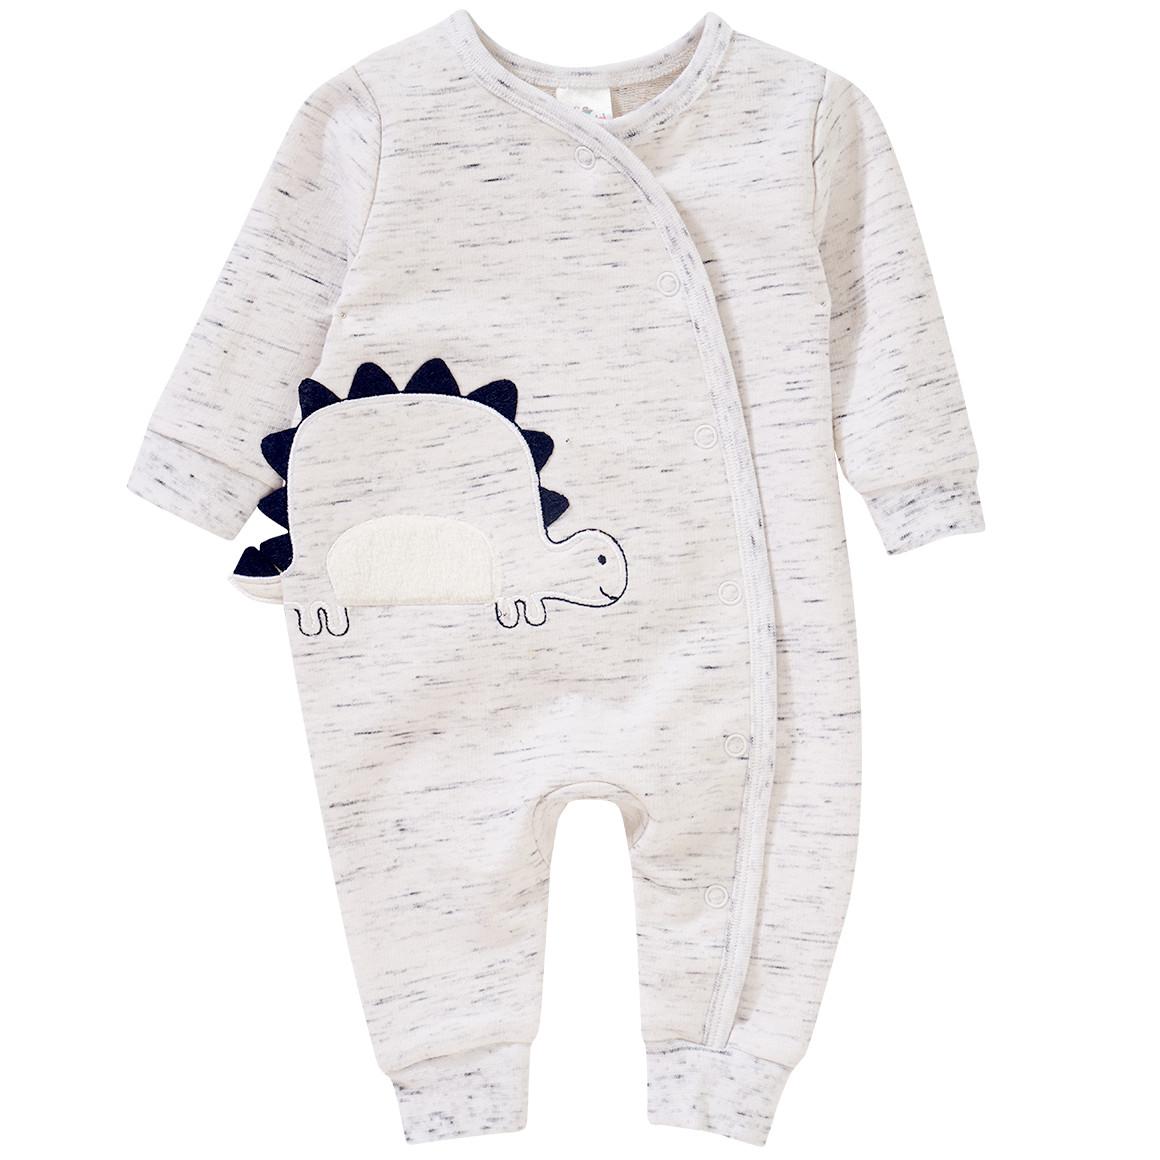 Babywaesche - Newborn Schlafanzug mit Dino Applikation - Onlineshop Ernstings family